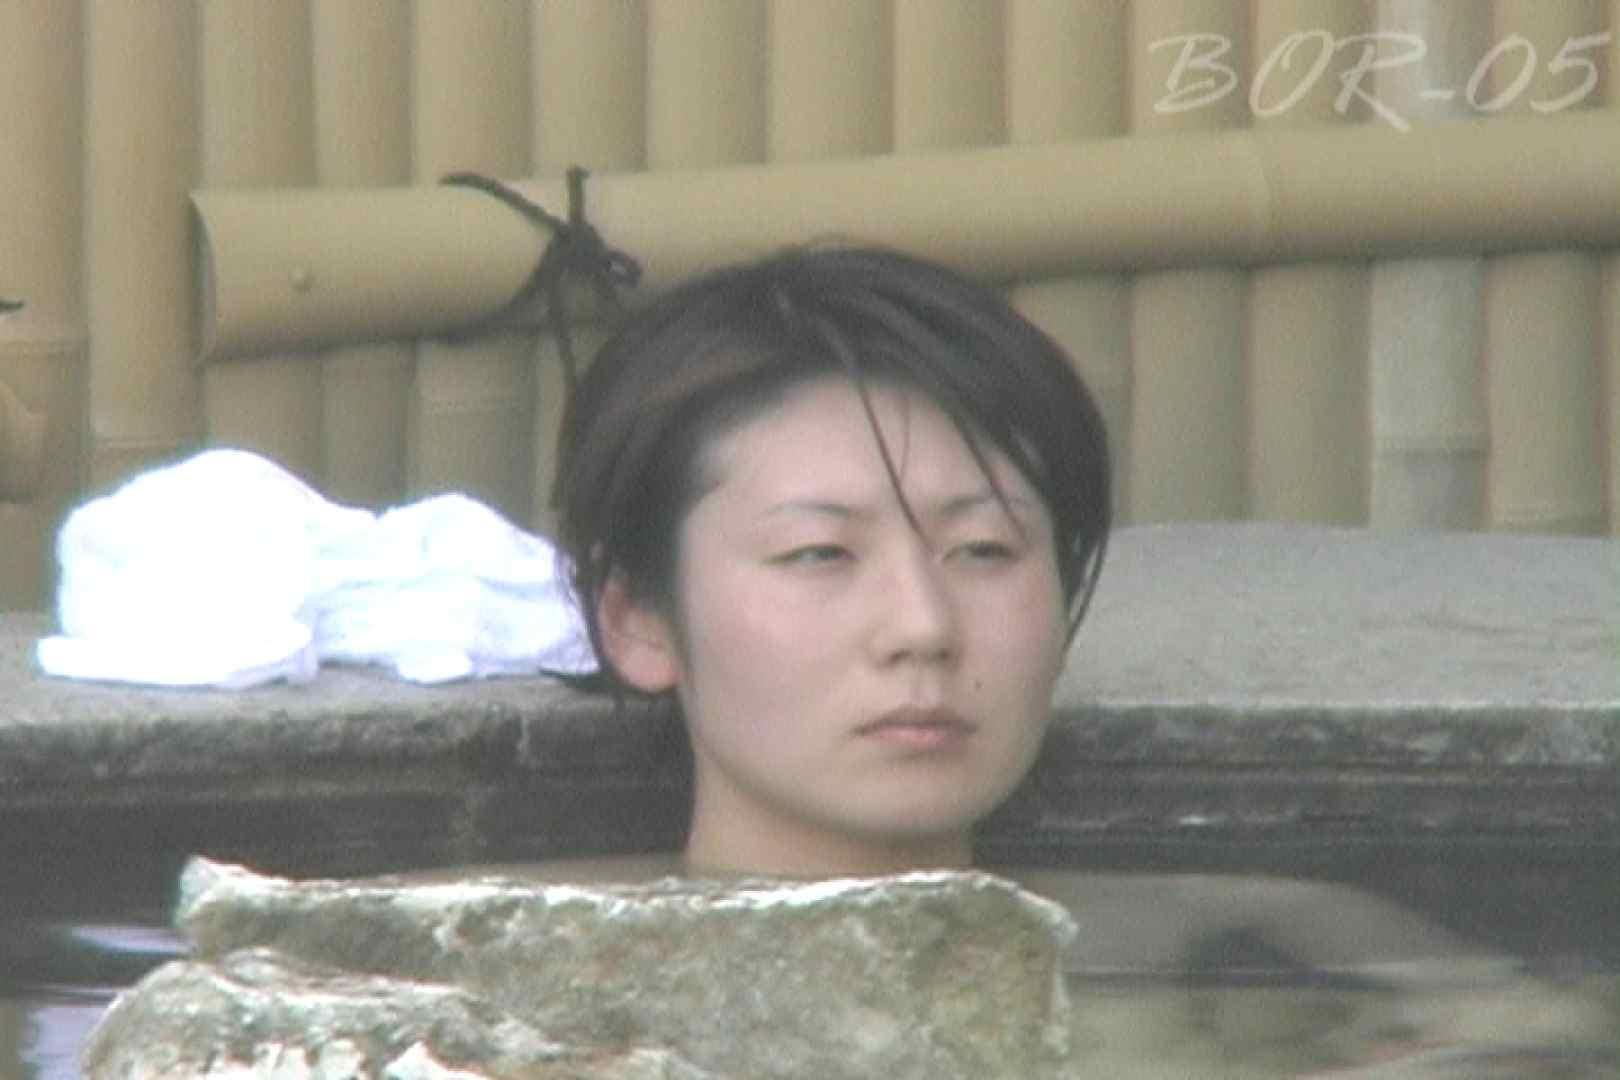 Aquaな露天風呂Vol.493 OLエロ画像  67PICs 30